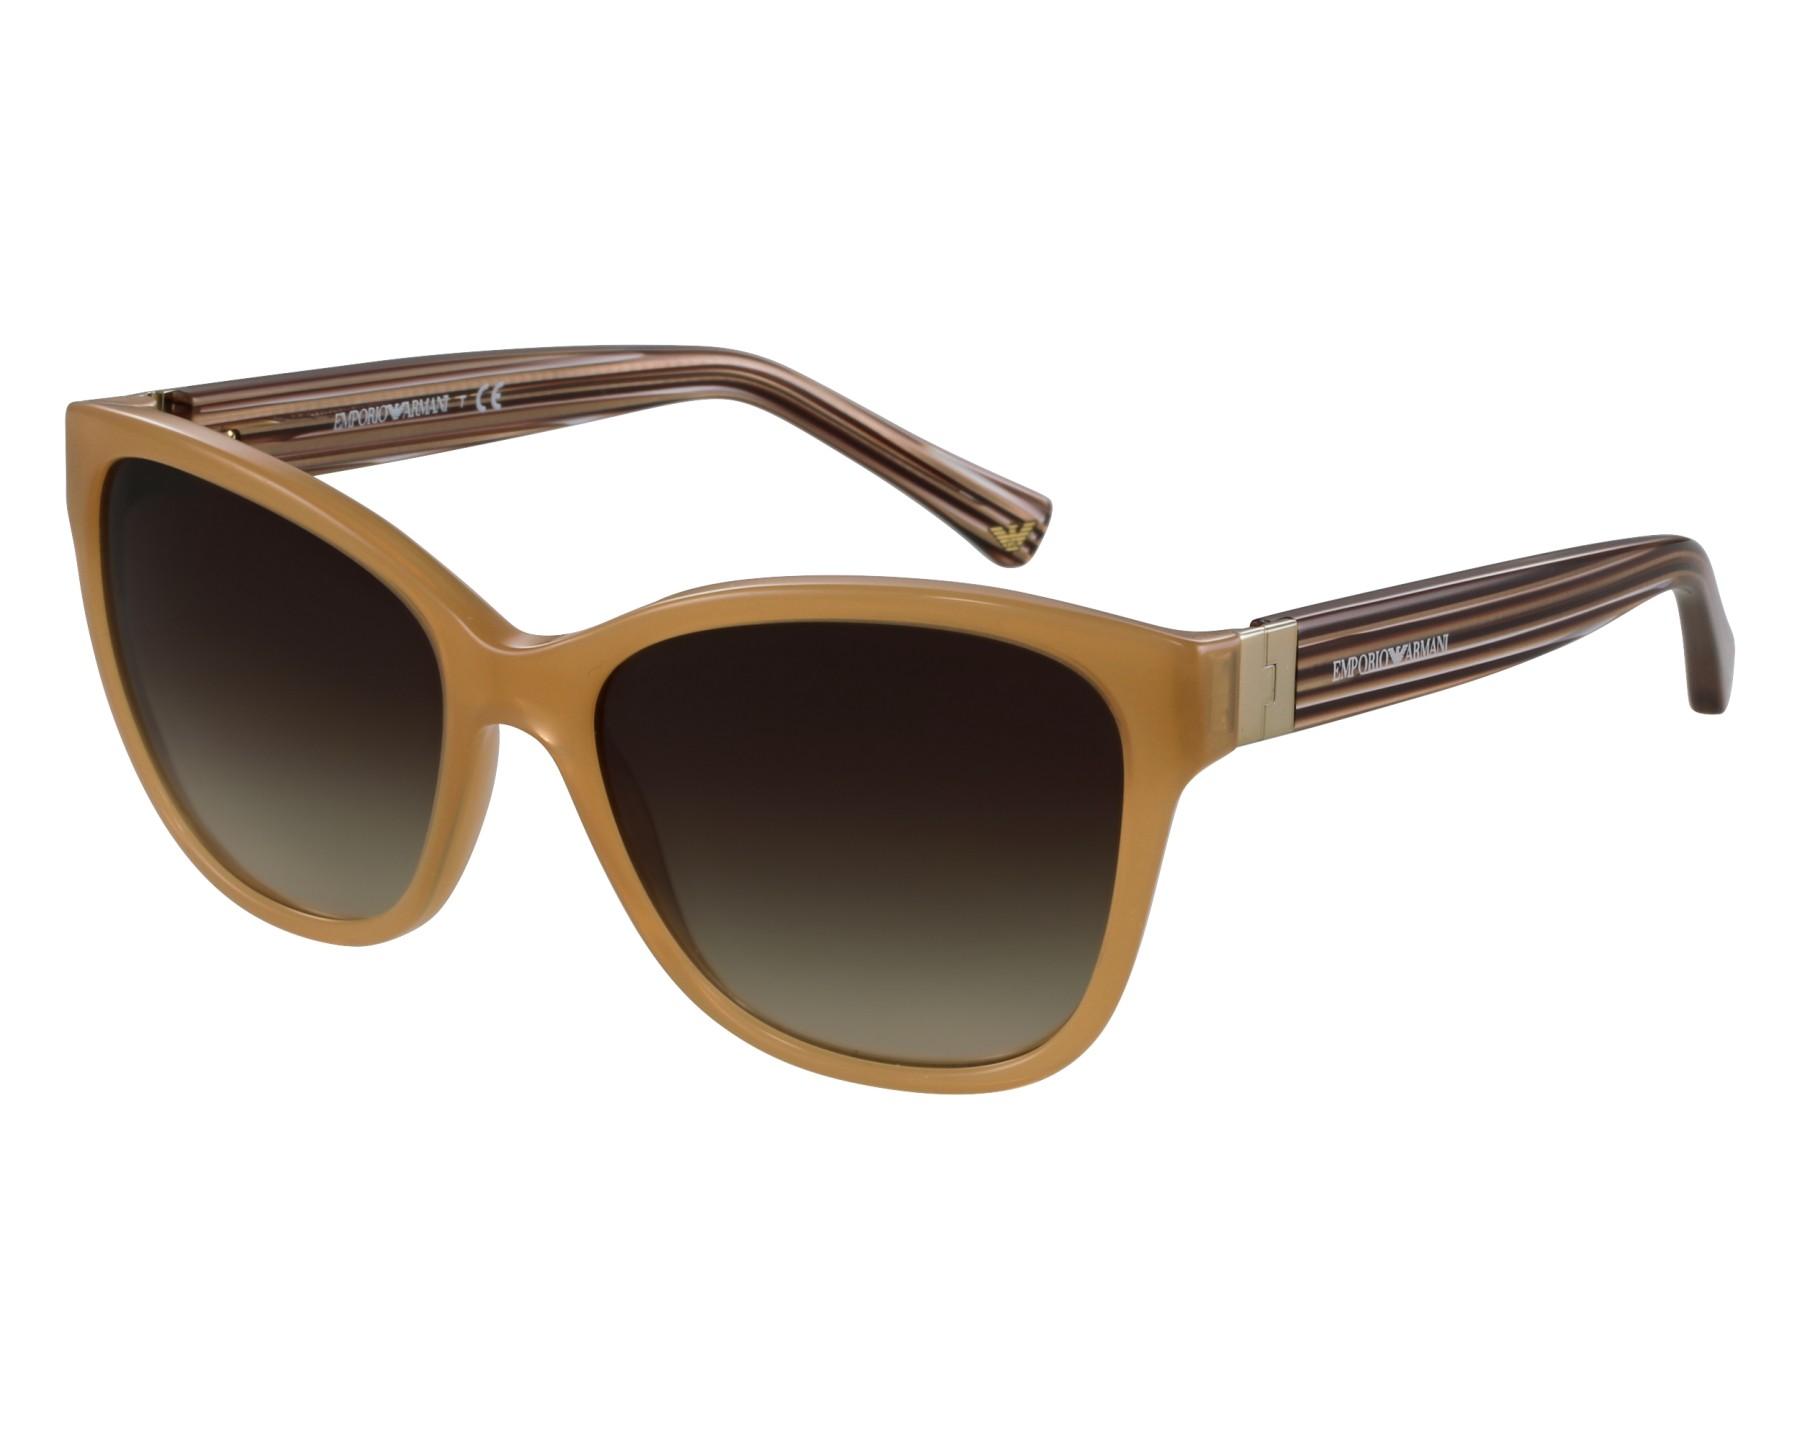 Emporio Armani EA4068 5506/13 Sonnenbrille Damenbrille 8RthLWa